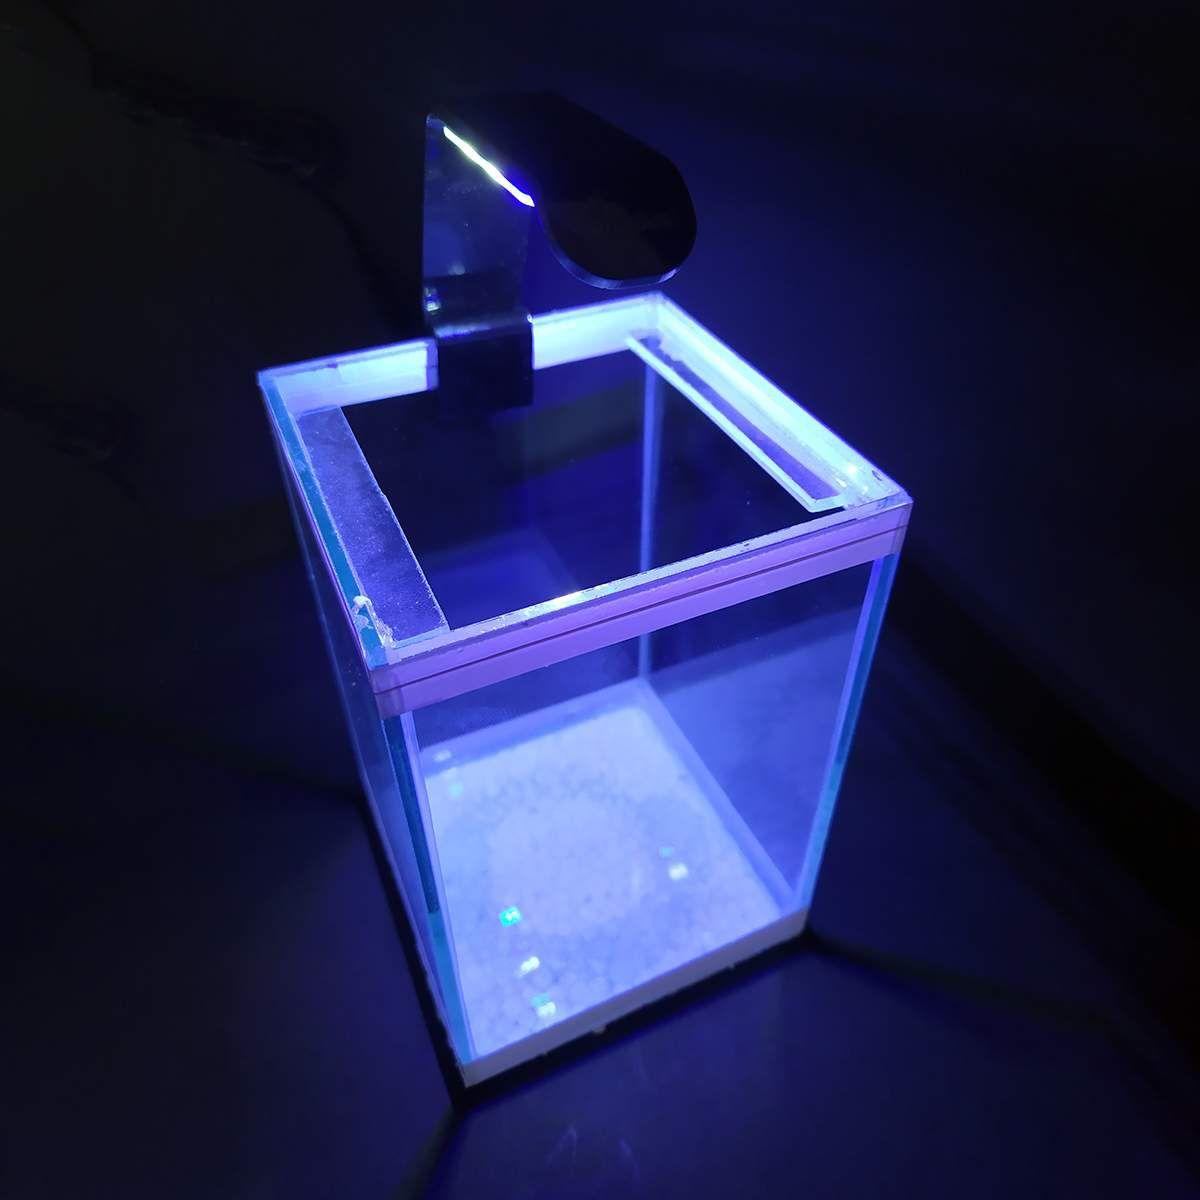 Luminária LED para Aquários Betta Aqualumi Branco / Azul